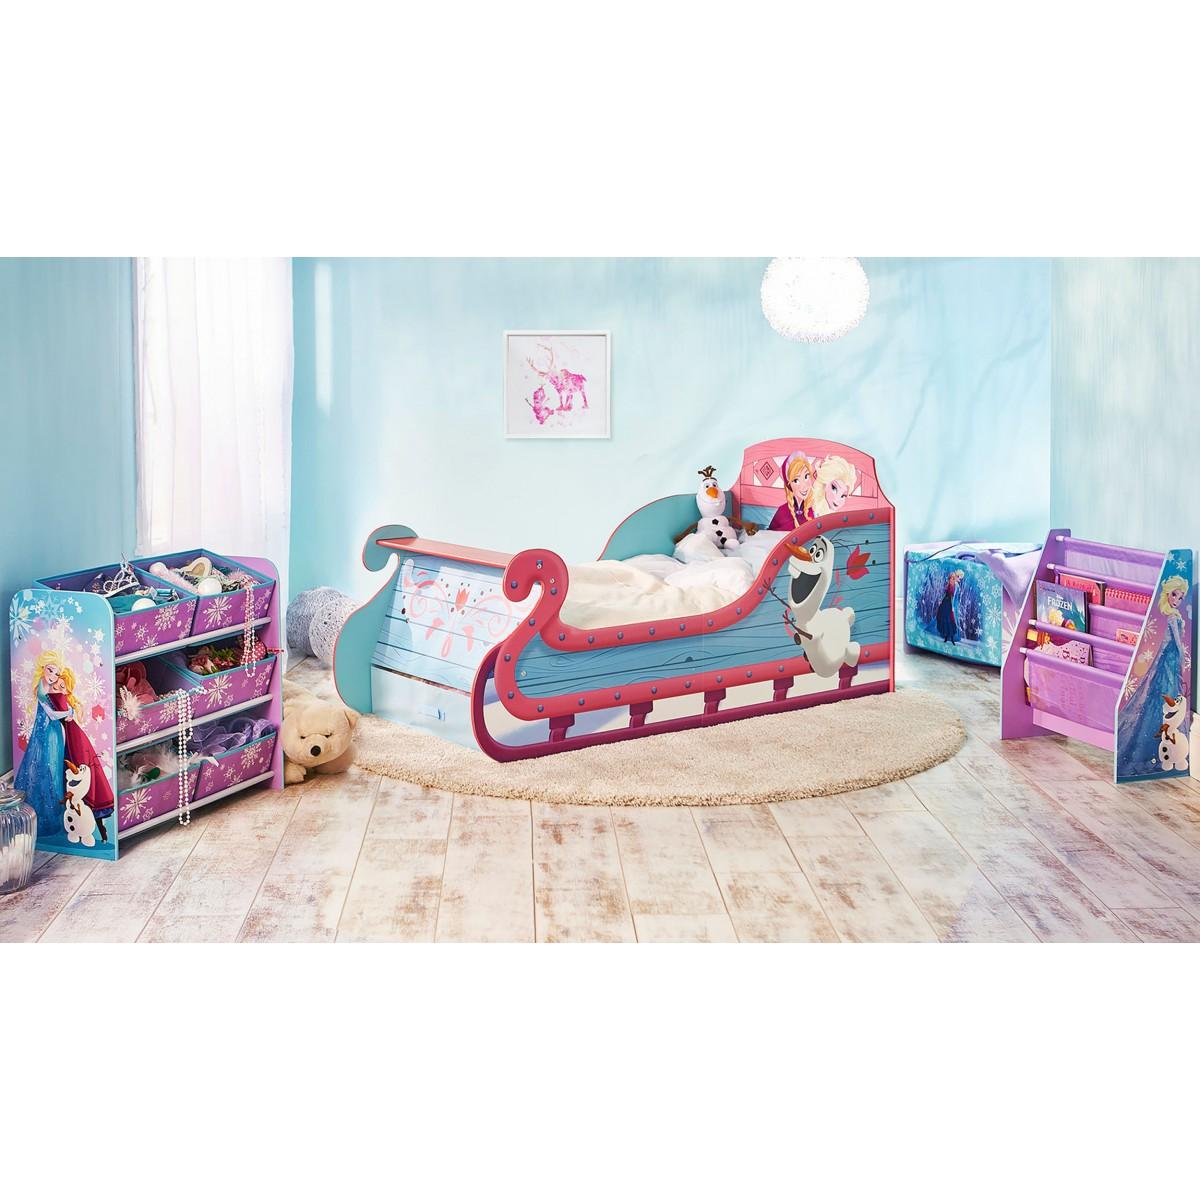 someo chambre compl te enfant reine des neiges 70x140. Black Bedroom Furniture Sets. Home Design Ideas